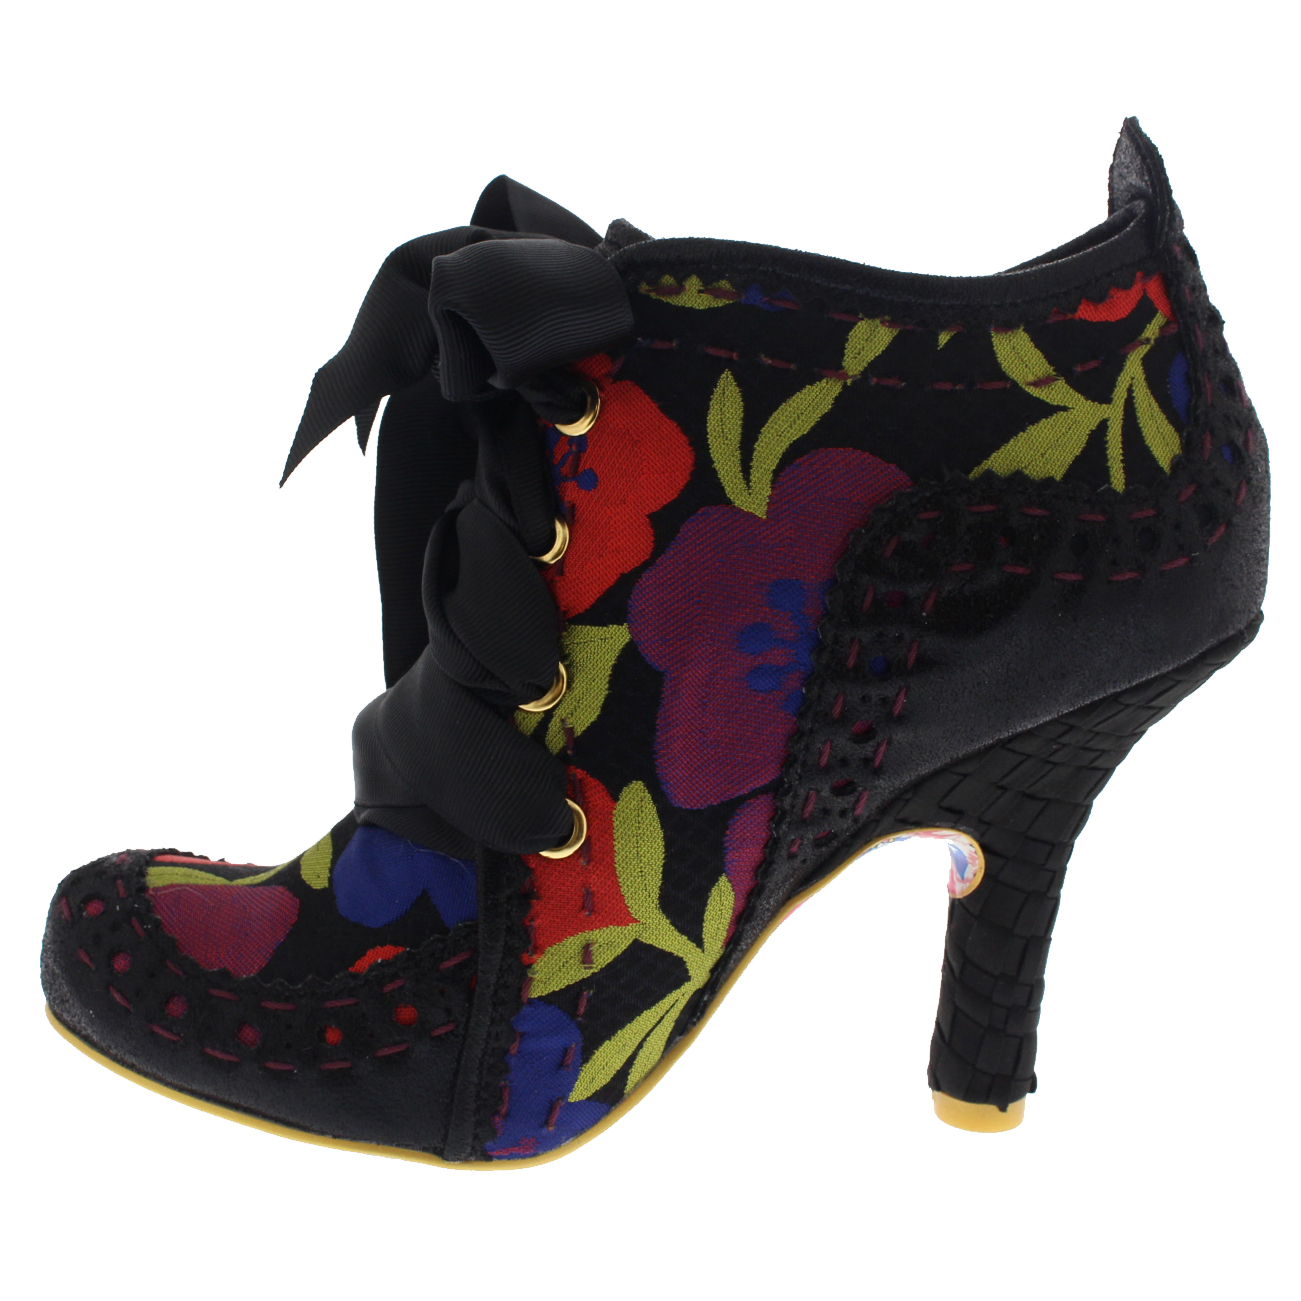 Damenschuhe Irregular Choice Abigails Third Party Ankle Boot High Heels UK 3.5-8.5